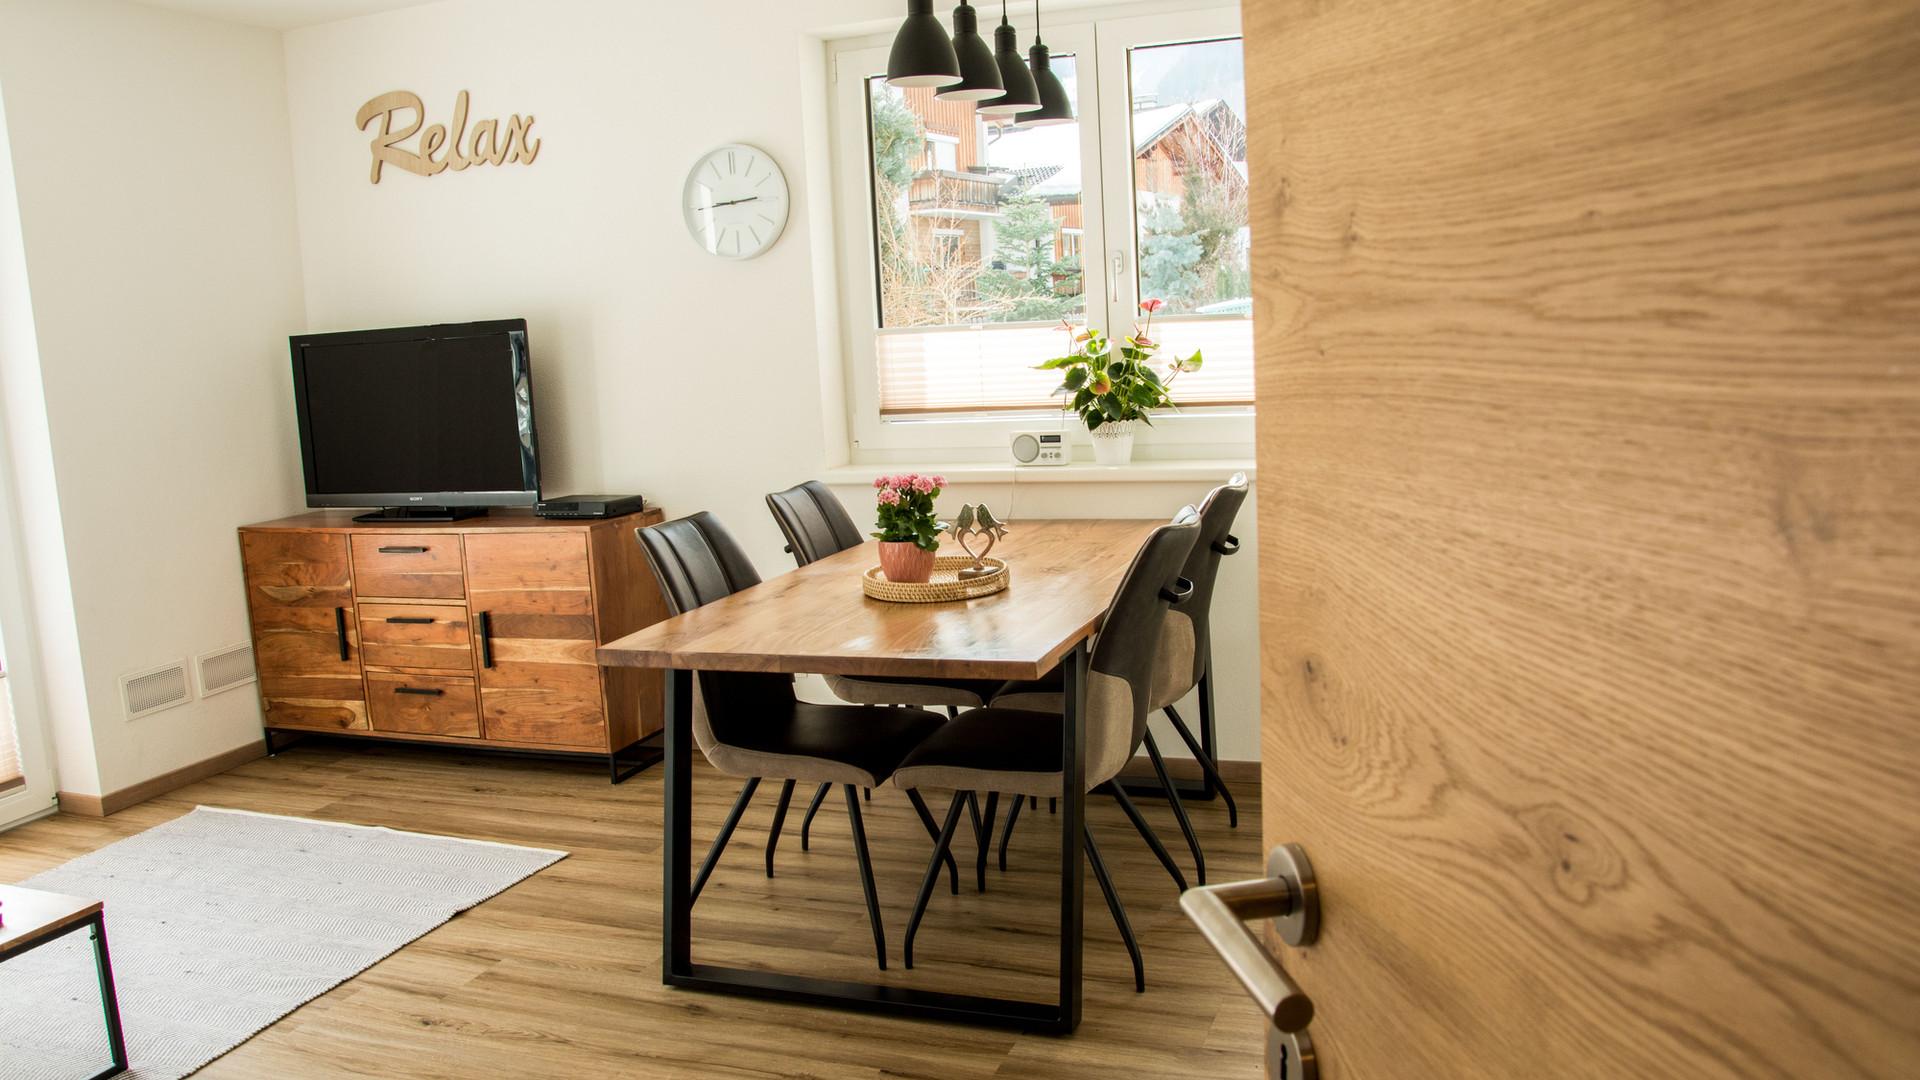 BLUAMEN: Blick in die Wohnküche